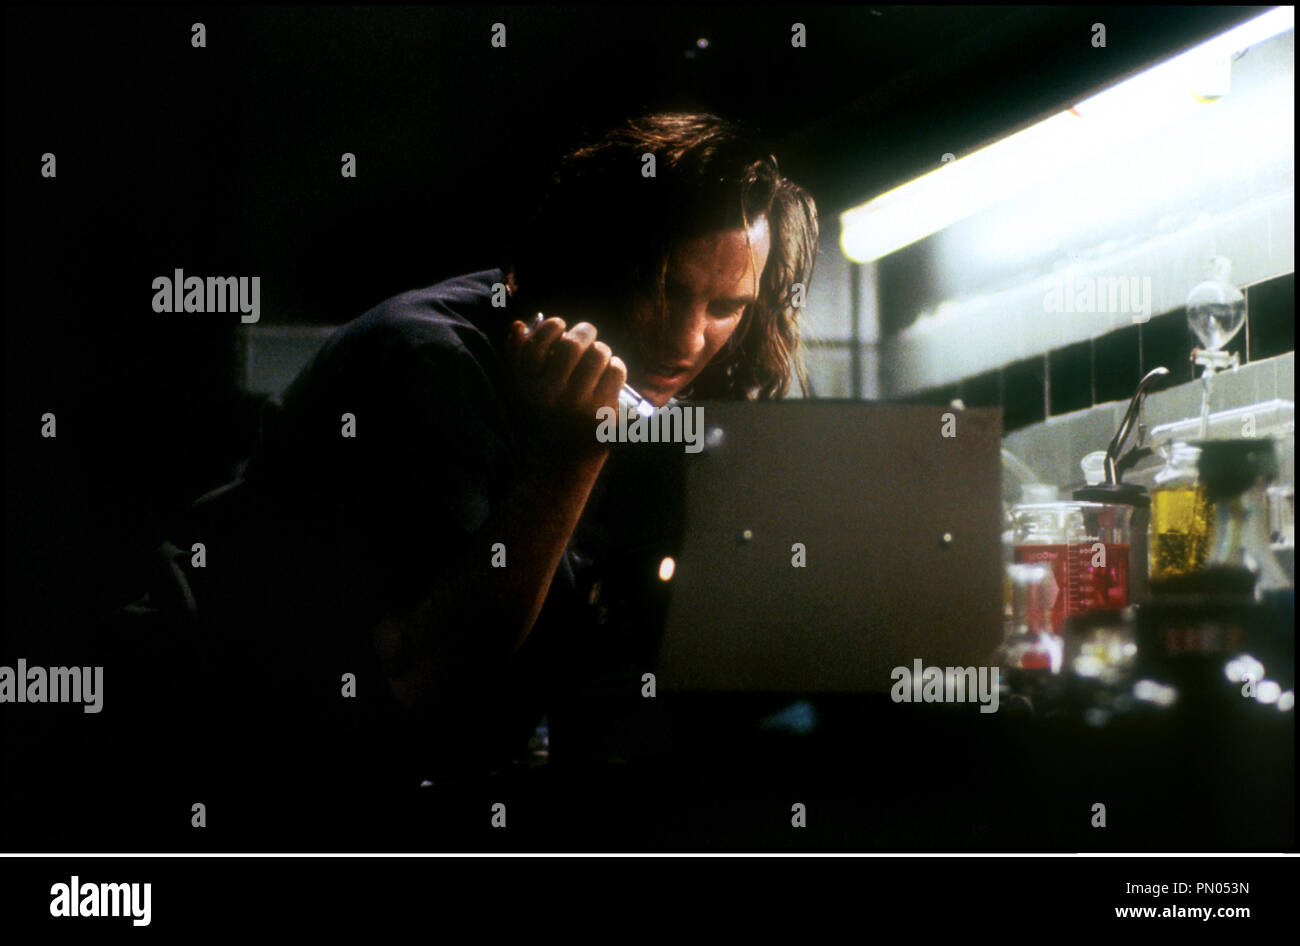 Prod DB © Capella / DR CLINIQUE (tendresse exquise) de Karl Schenkel 1994 USA avec Sean Haberle, stress diriger autour Photo Stock